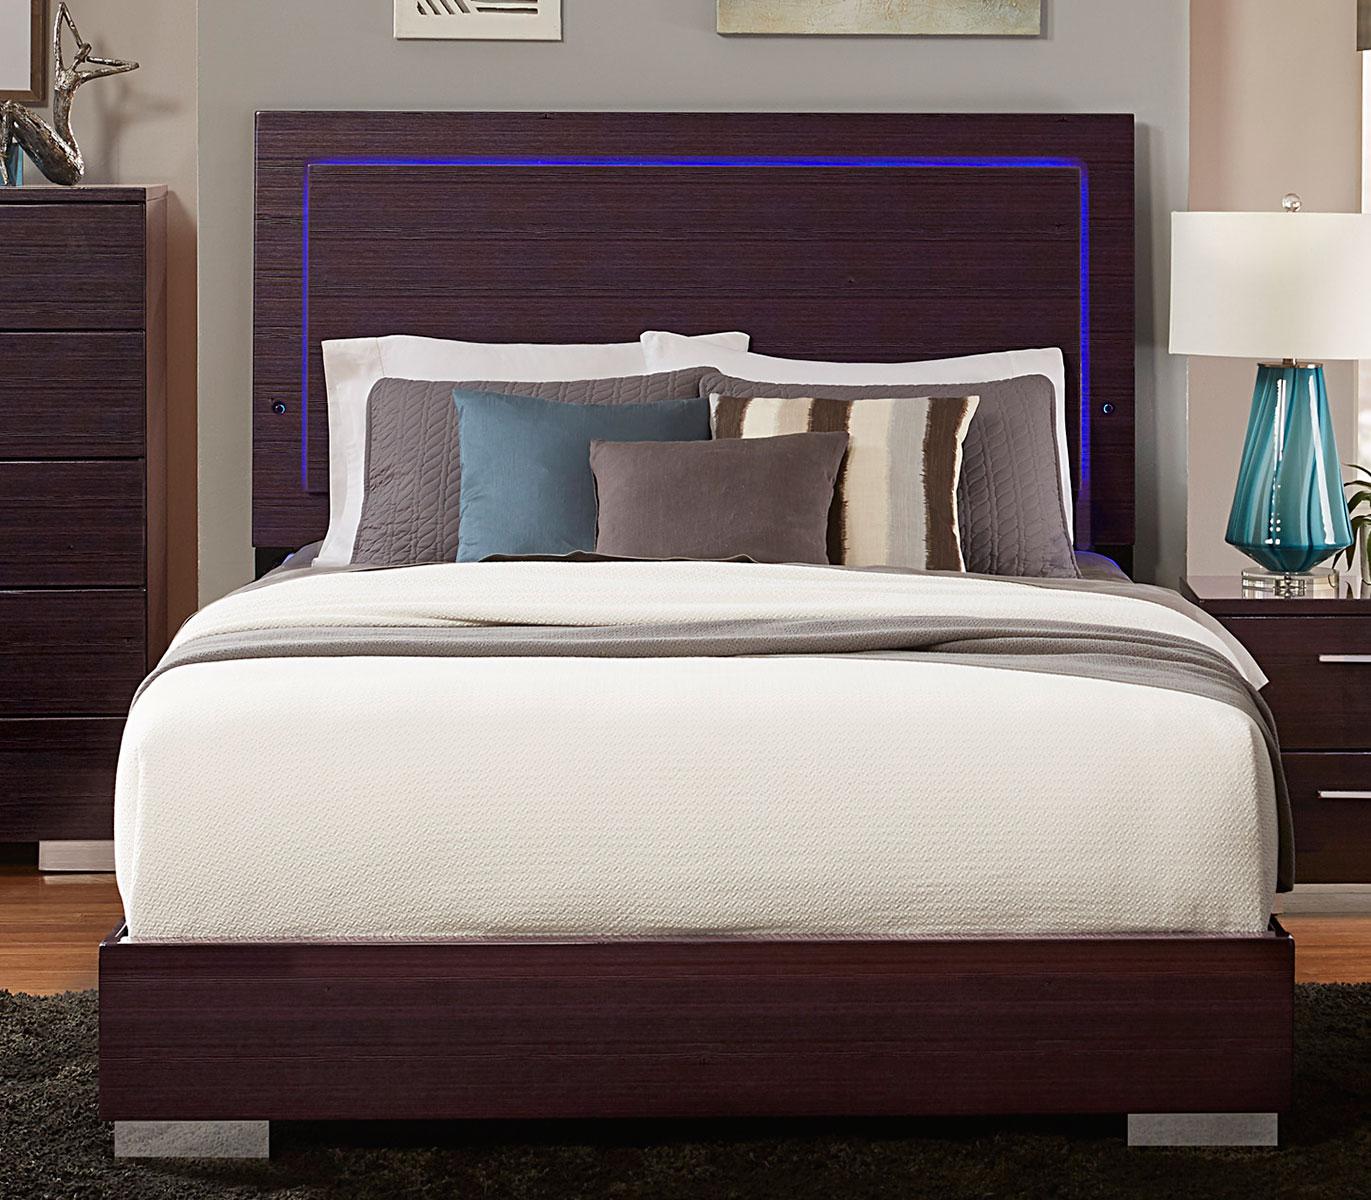 Homelegance Moritz Bed - LED Lighting - High Gloss